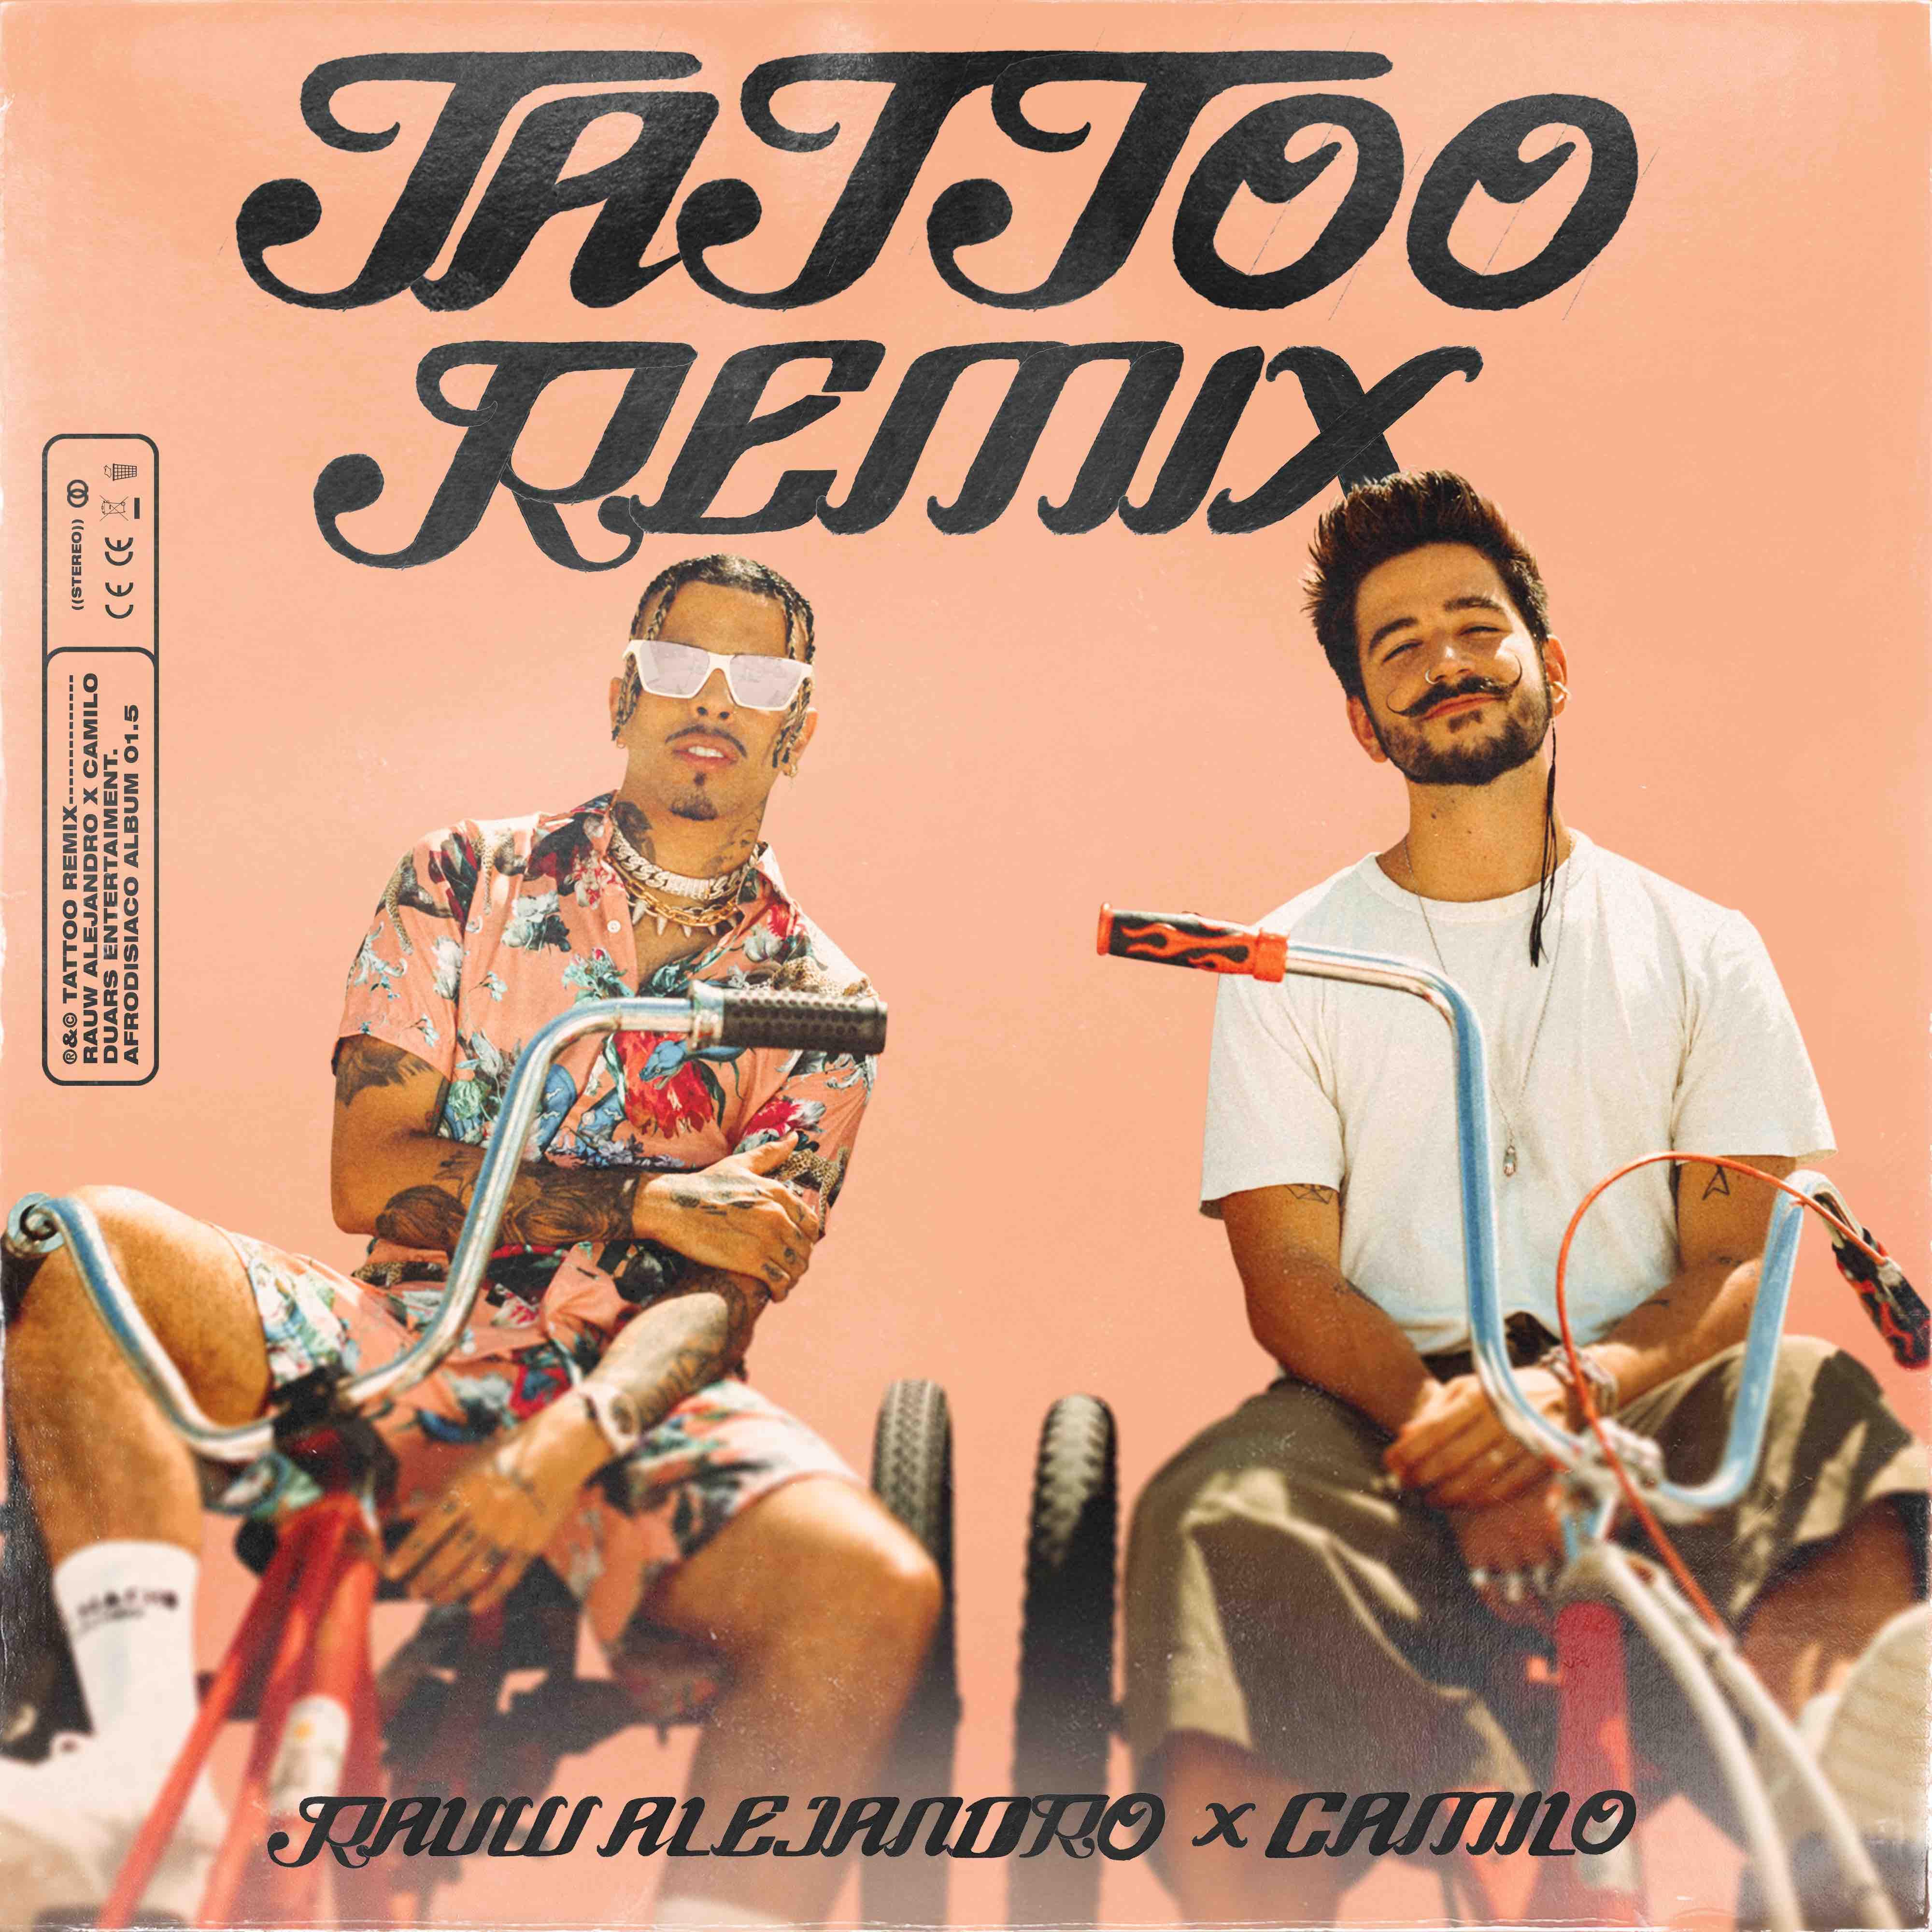 Carátula de: Tattoo (Remix)